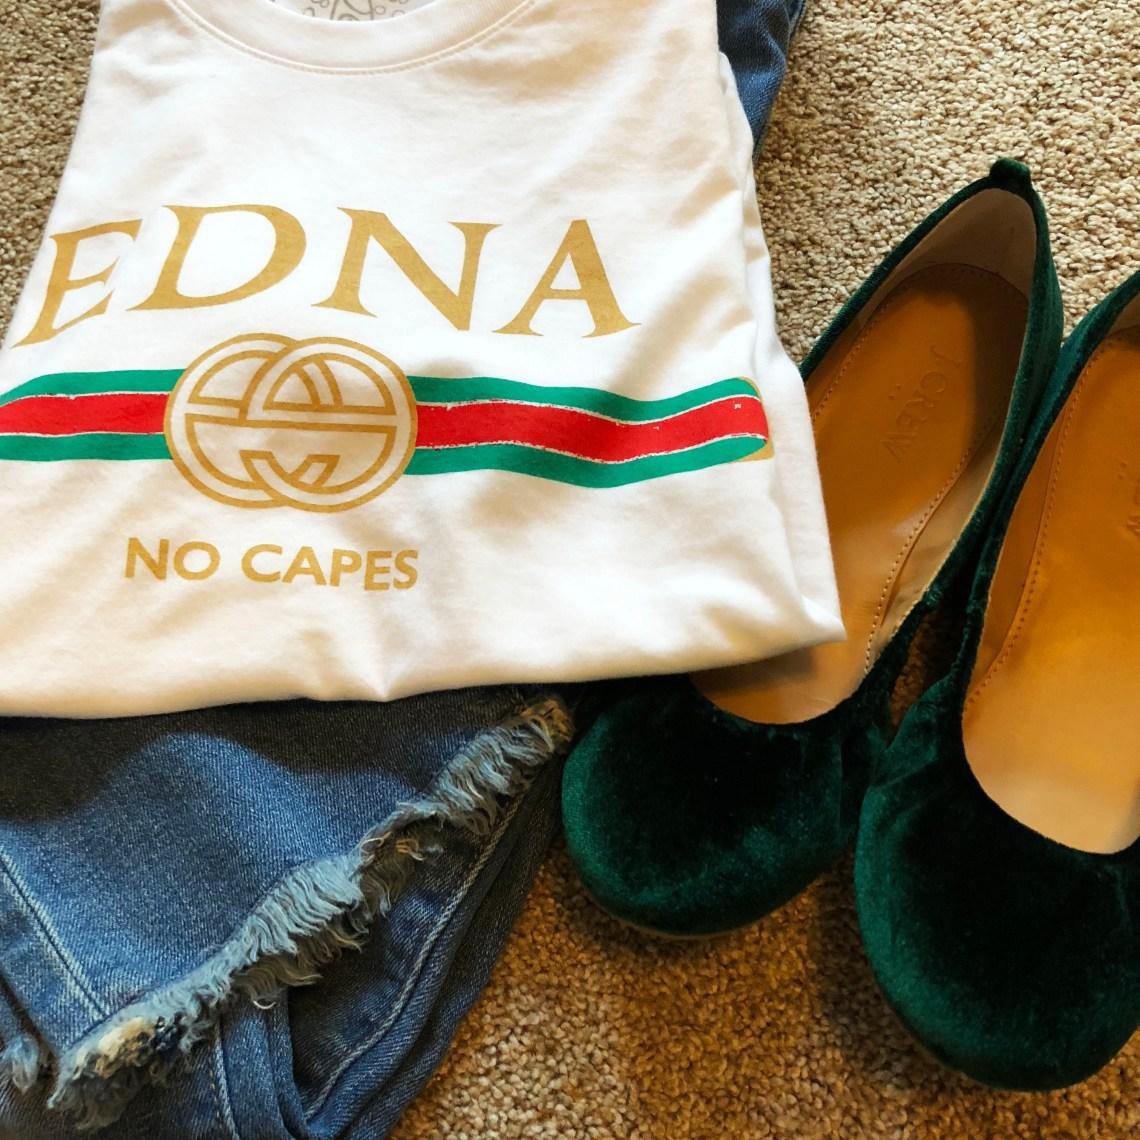 Edna - No Capes tee & Green Velvet Flats